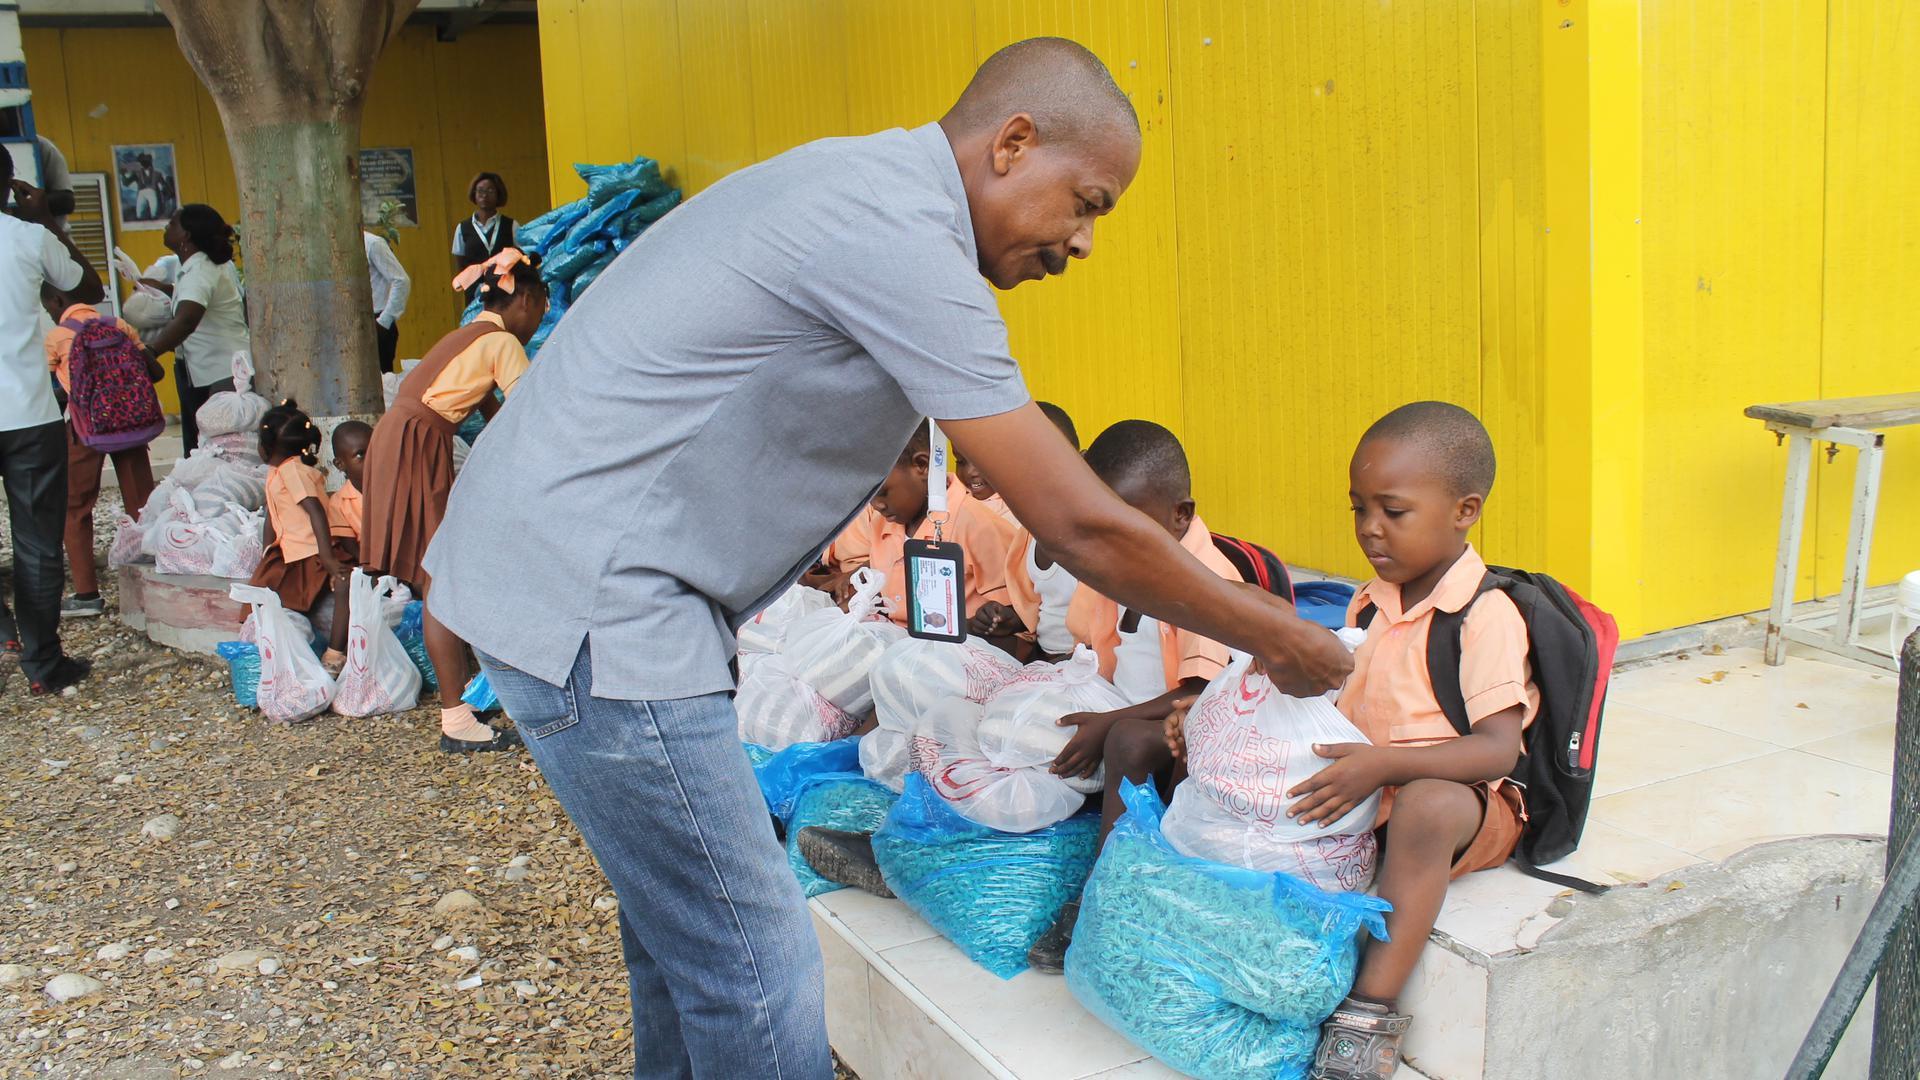 Naturkatastrophen wie etwa Hurrican Mathew traf die Schwächsten der Bevölkerung, zu denen vor allem auch Kinder zählen,  besonders hart.